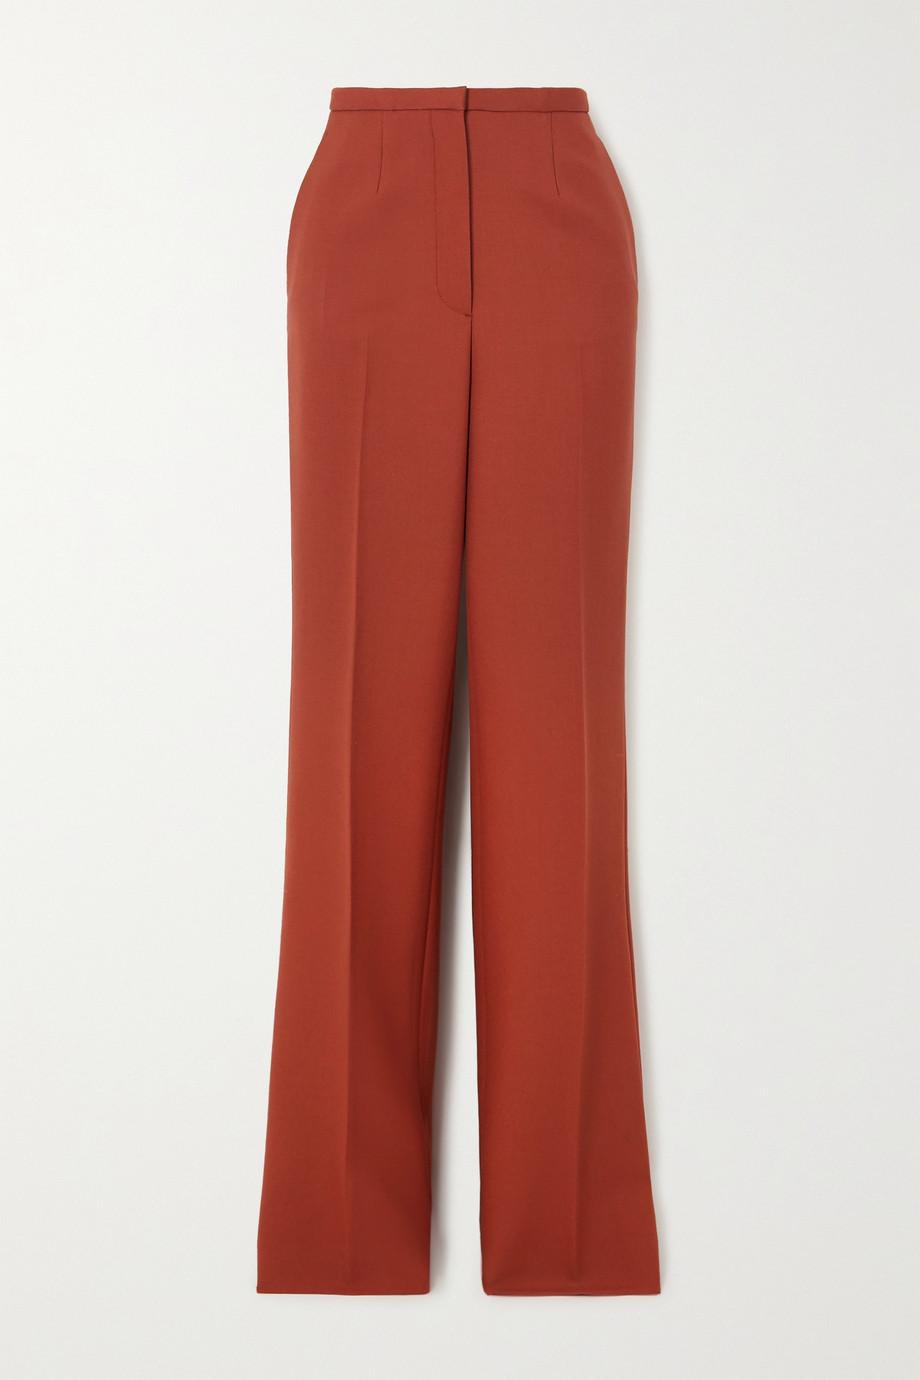 Prada Pantalon droit en laine